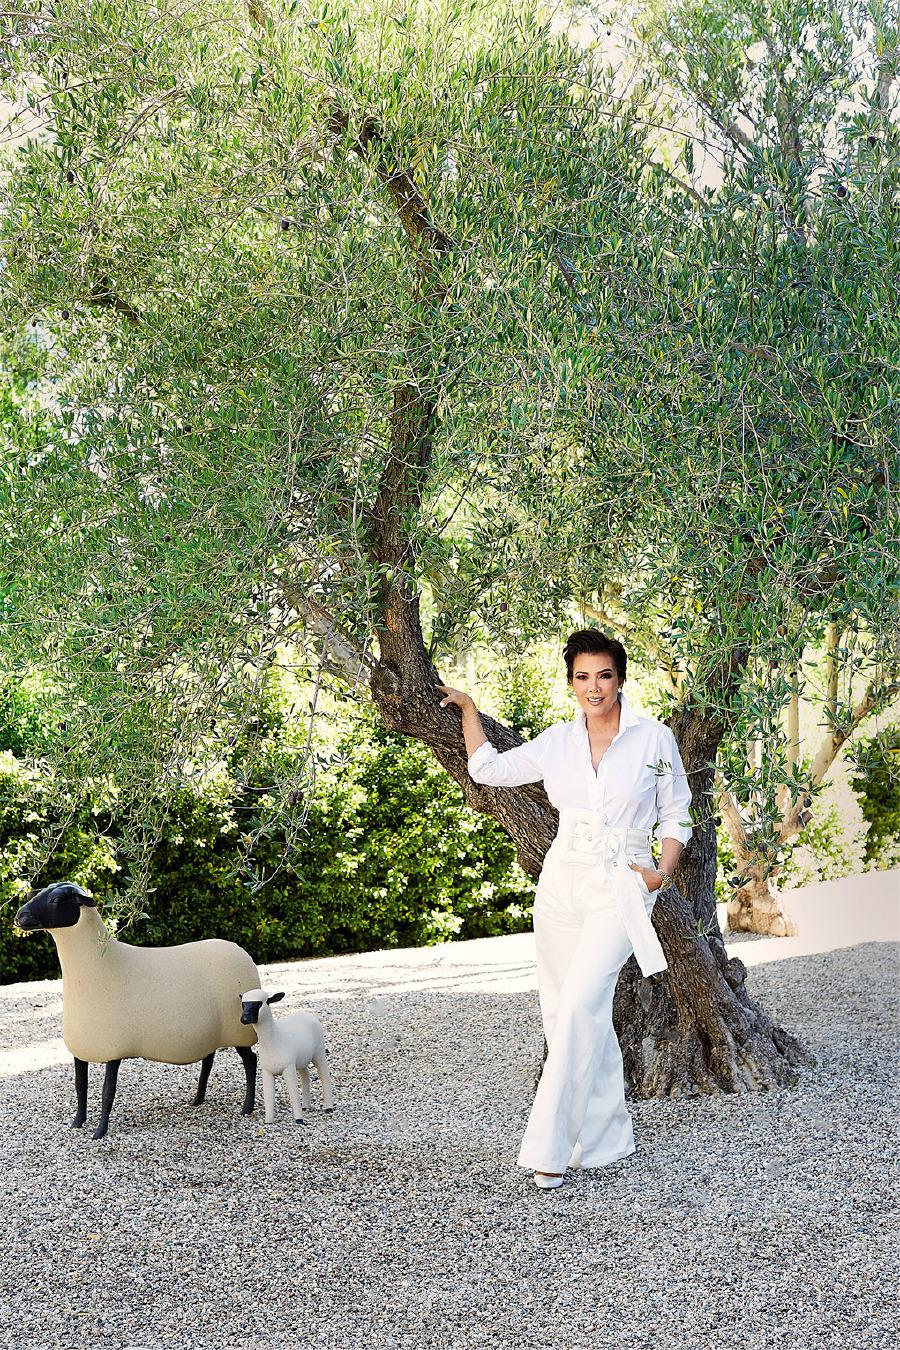 Jenner, Saint Laurent gömleği, Celine pantolon ve kemeri, Manolo Blahnik ayakkabılarıyla evinin bahçesinde, François-Xavier Lalanne heykellerinin yanında poz veriyor.